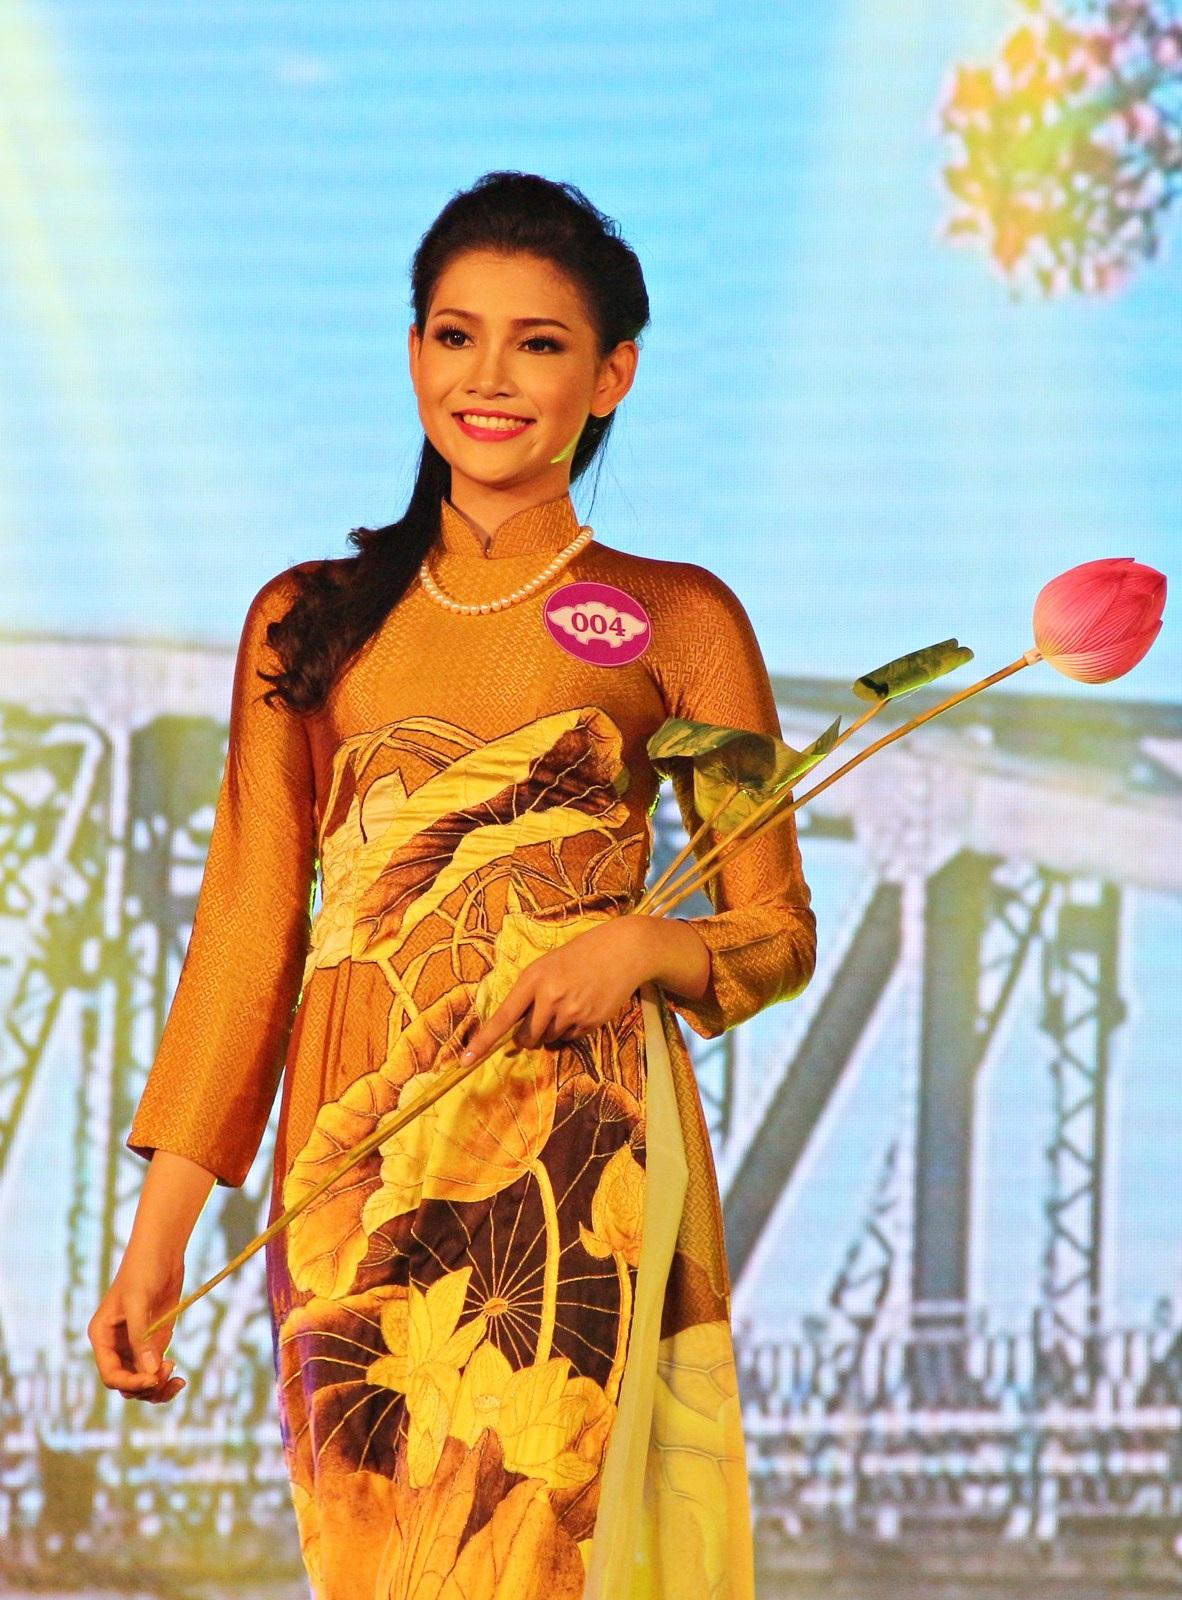 Ngoài danh hiệu Người đẹp thứ 3, Nguyễn Hà Thục Anh còn đạt danh hiệu Người đẹp du lịch biển và giải Người đẹp thuyết trình hay nhất